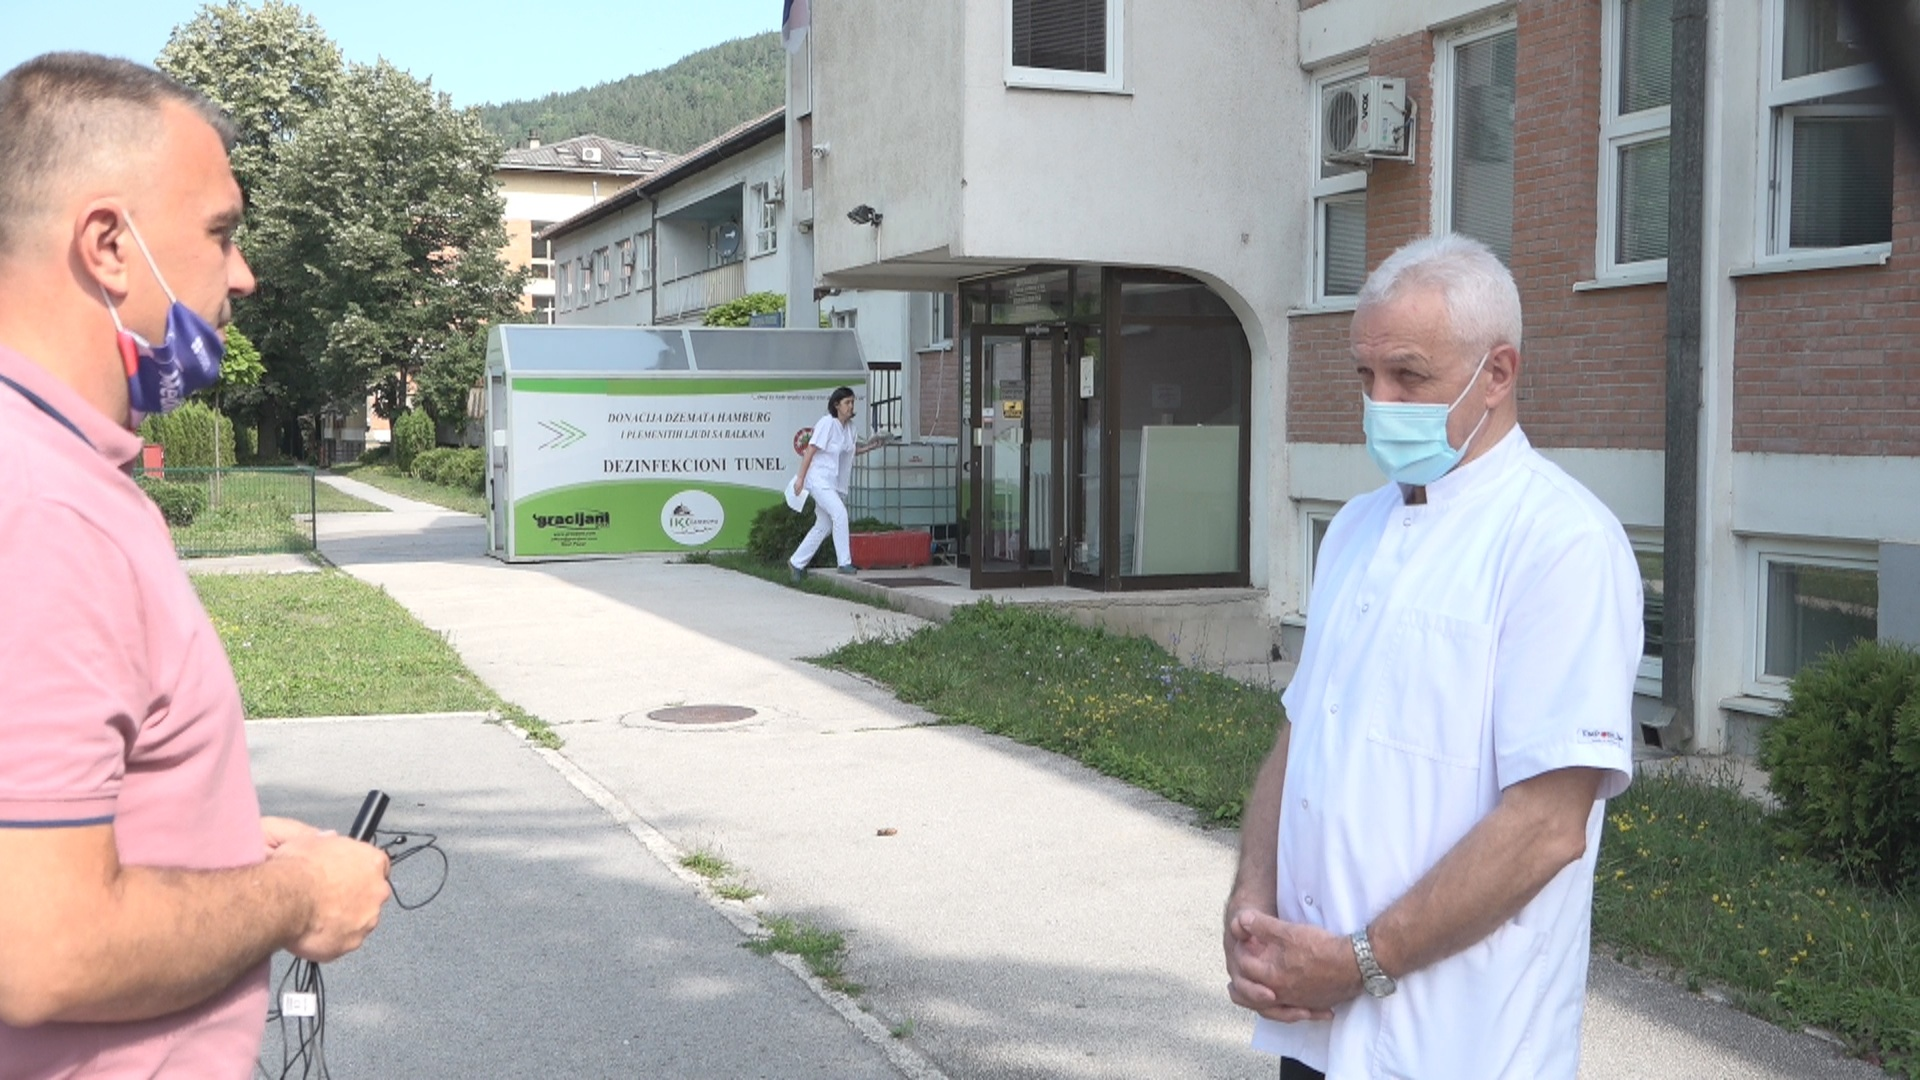 Др Сеад Поровић: Епидемиолошка слика у Пријепољу стабилна, али нема места опуштању